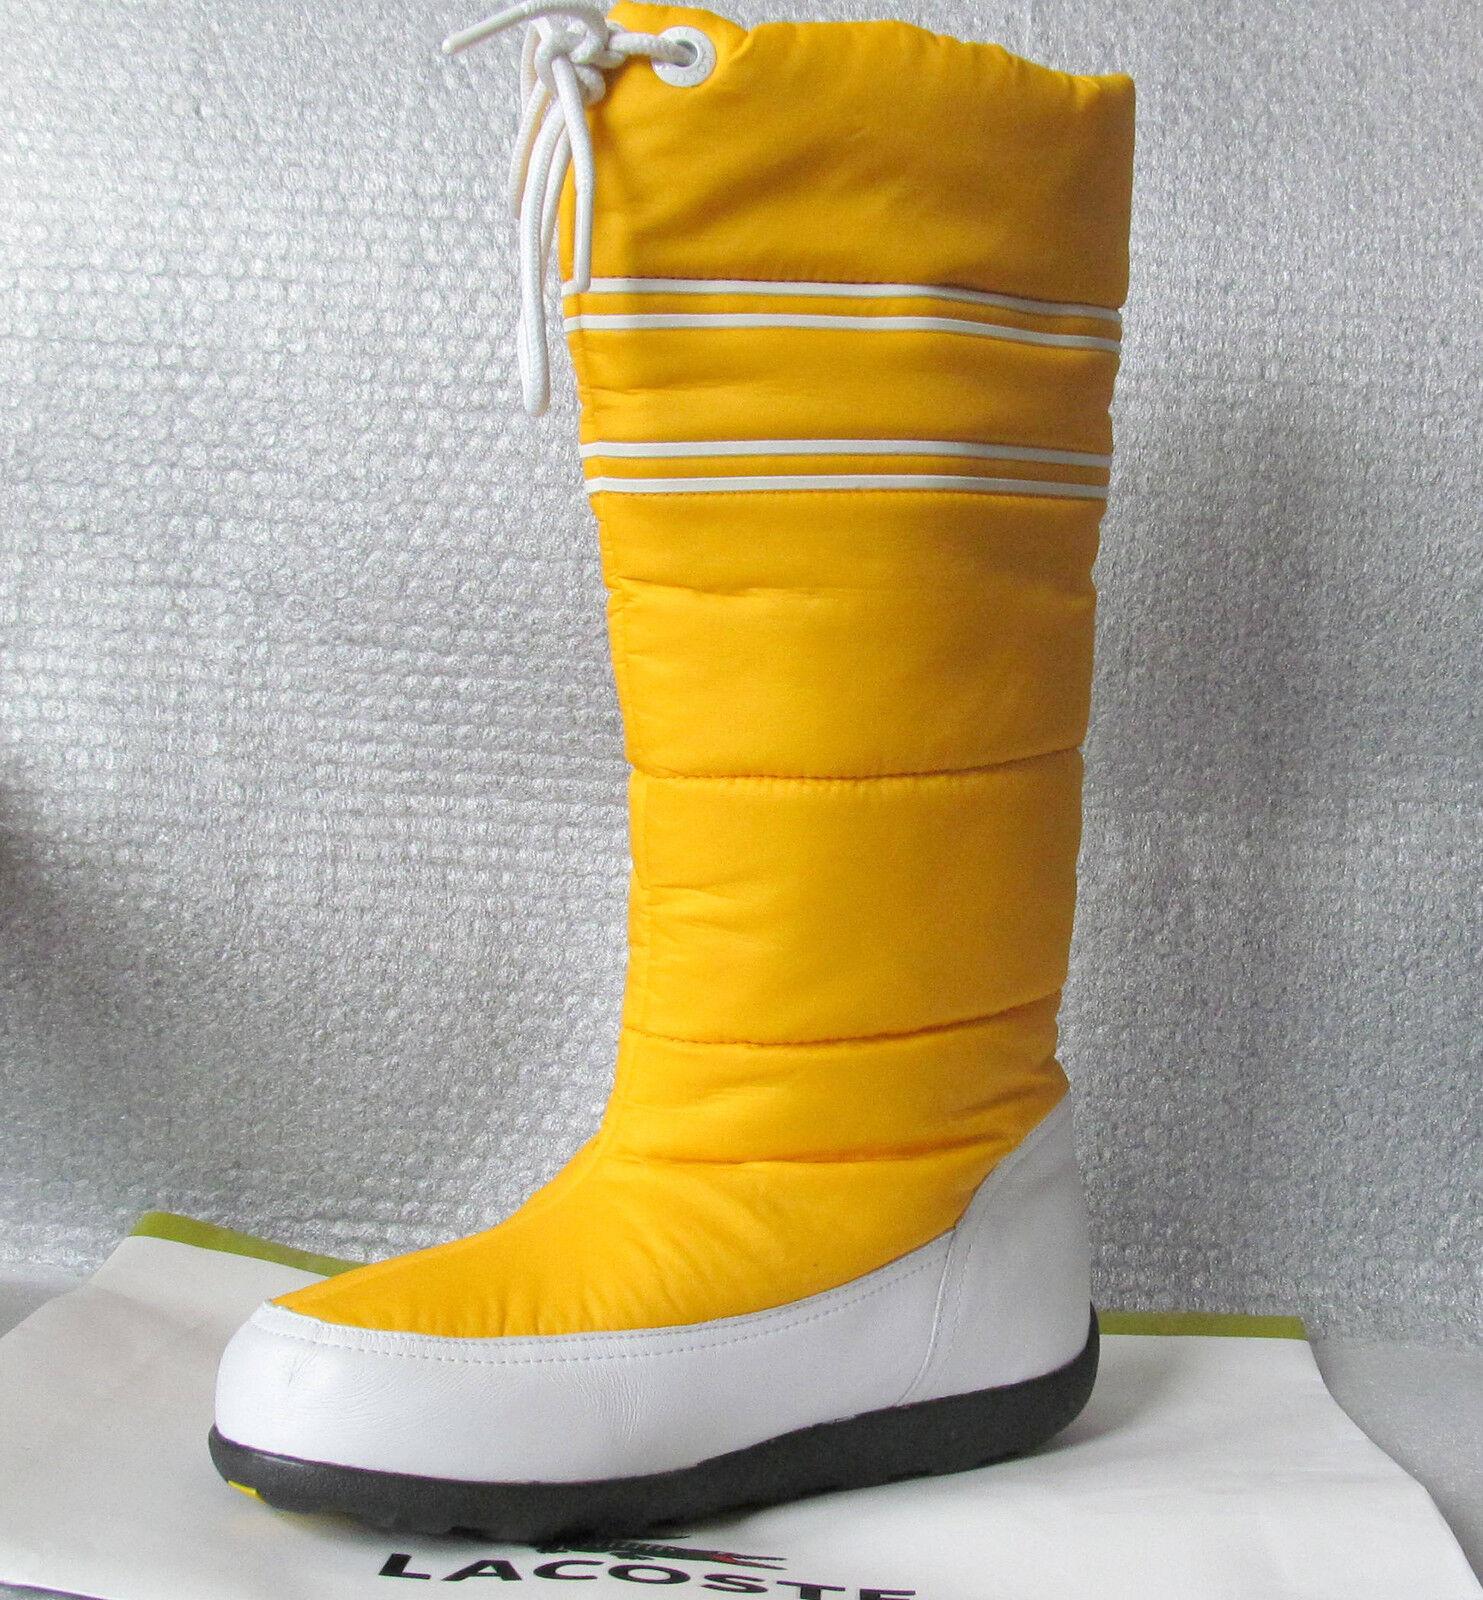 Nuevas Lacoste Ceñido Puffy Amarillo Invierno botas Talla 6 (37) (37) (37)  hasta un 70% de descuento